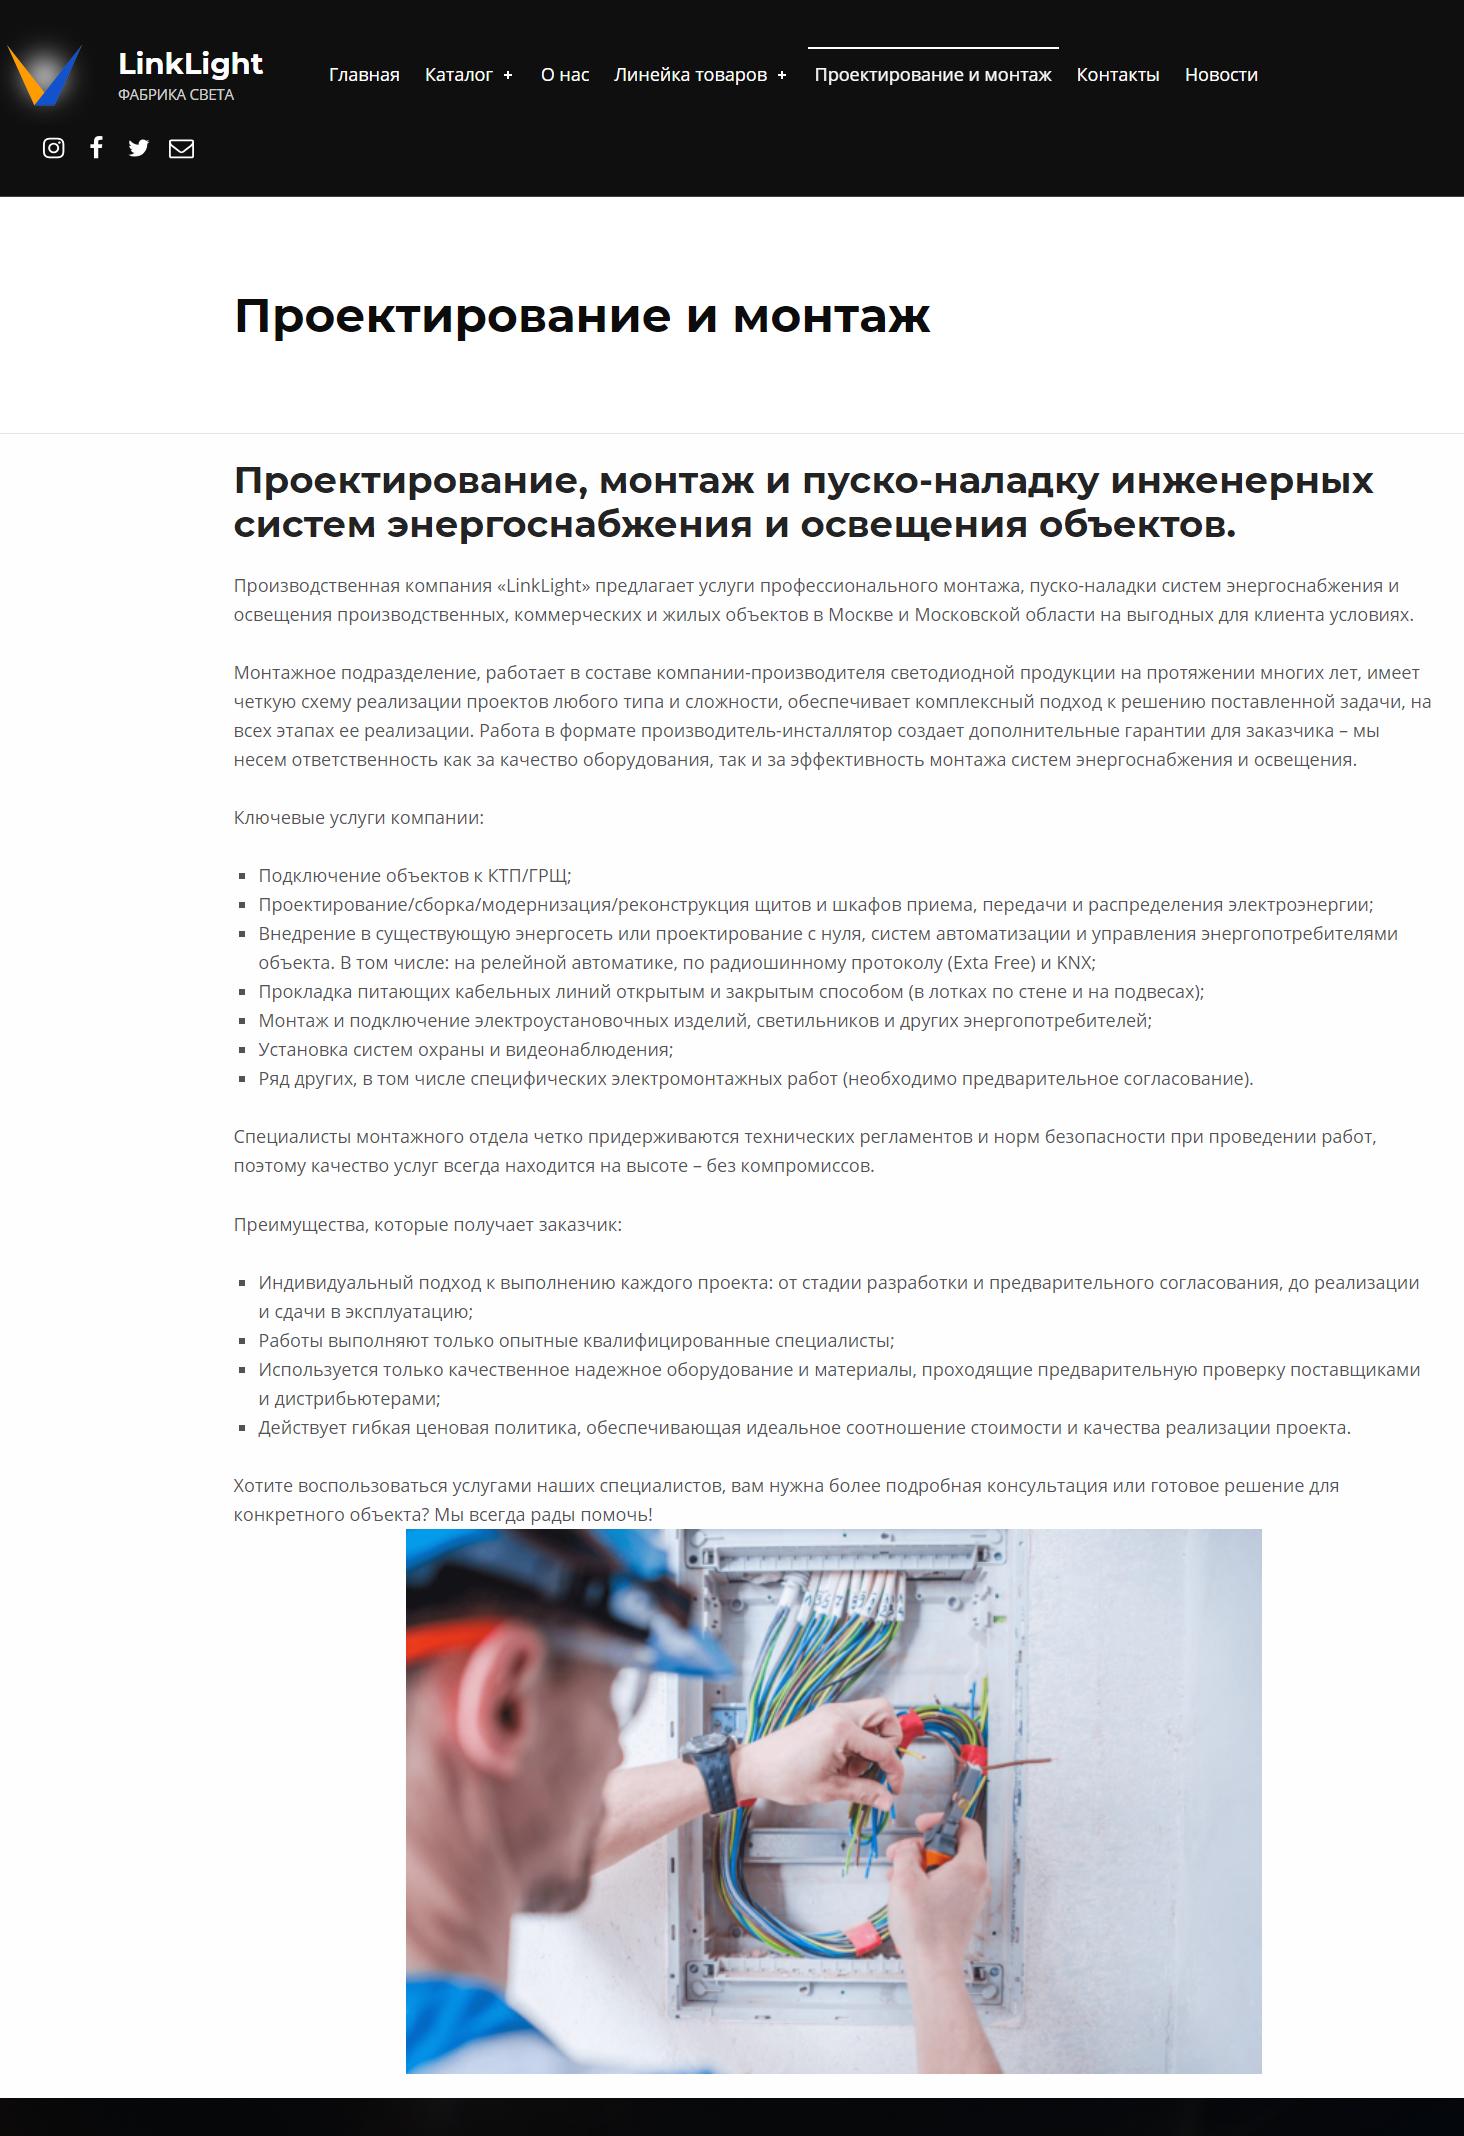 Монтаж и пуско-наладка инженерных систем энергоснабжения и освещения объектов